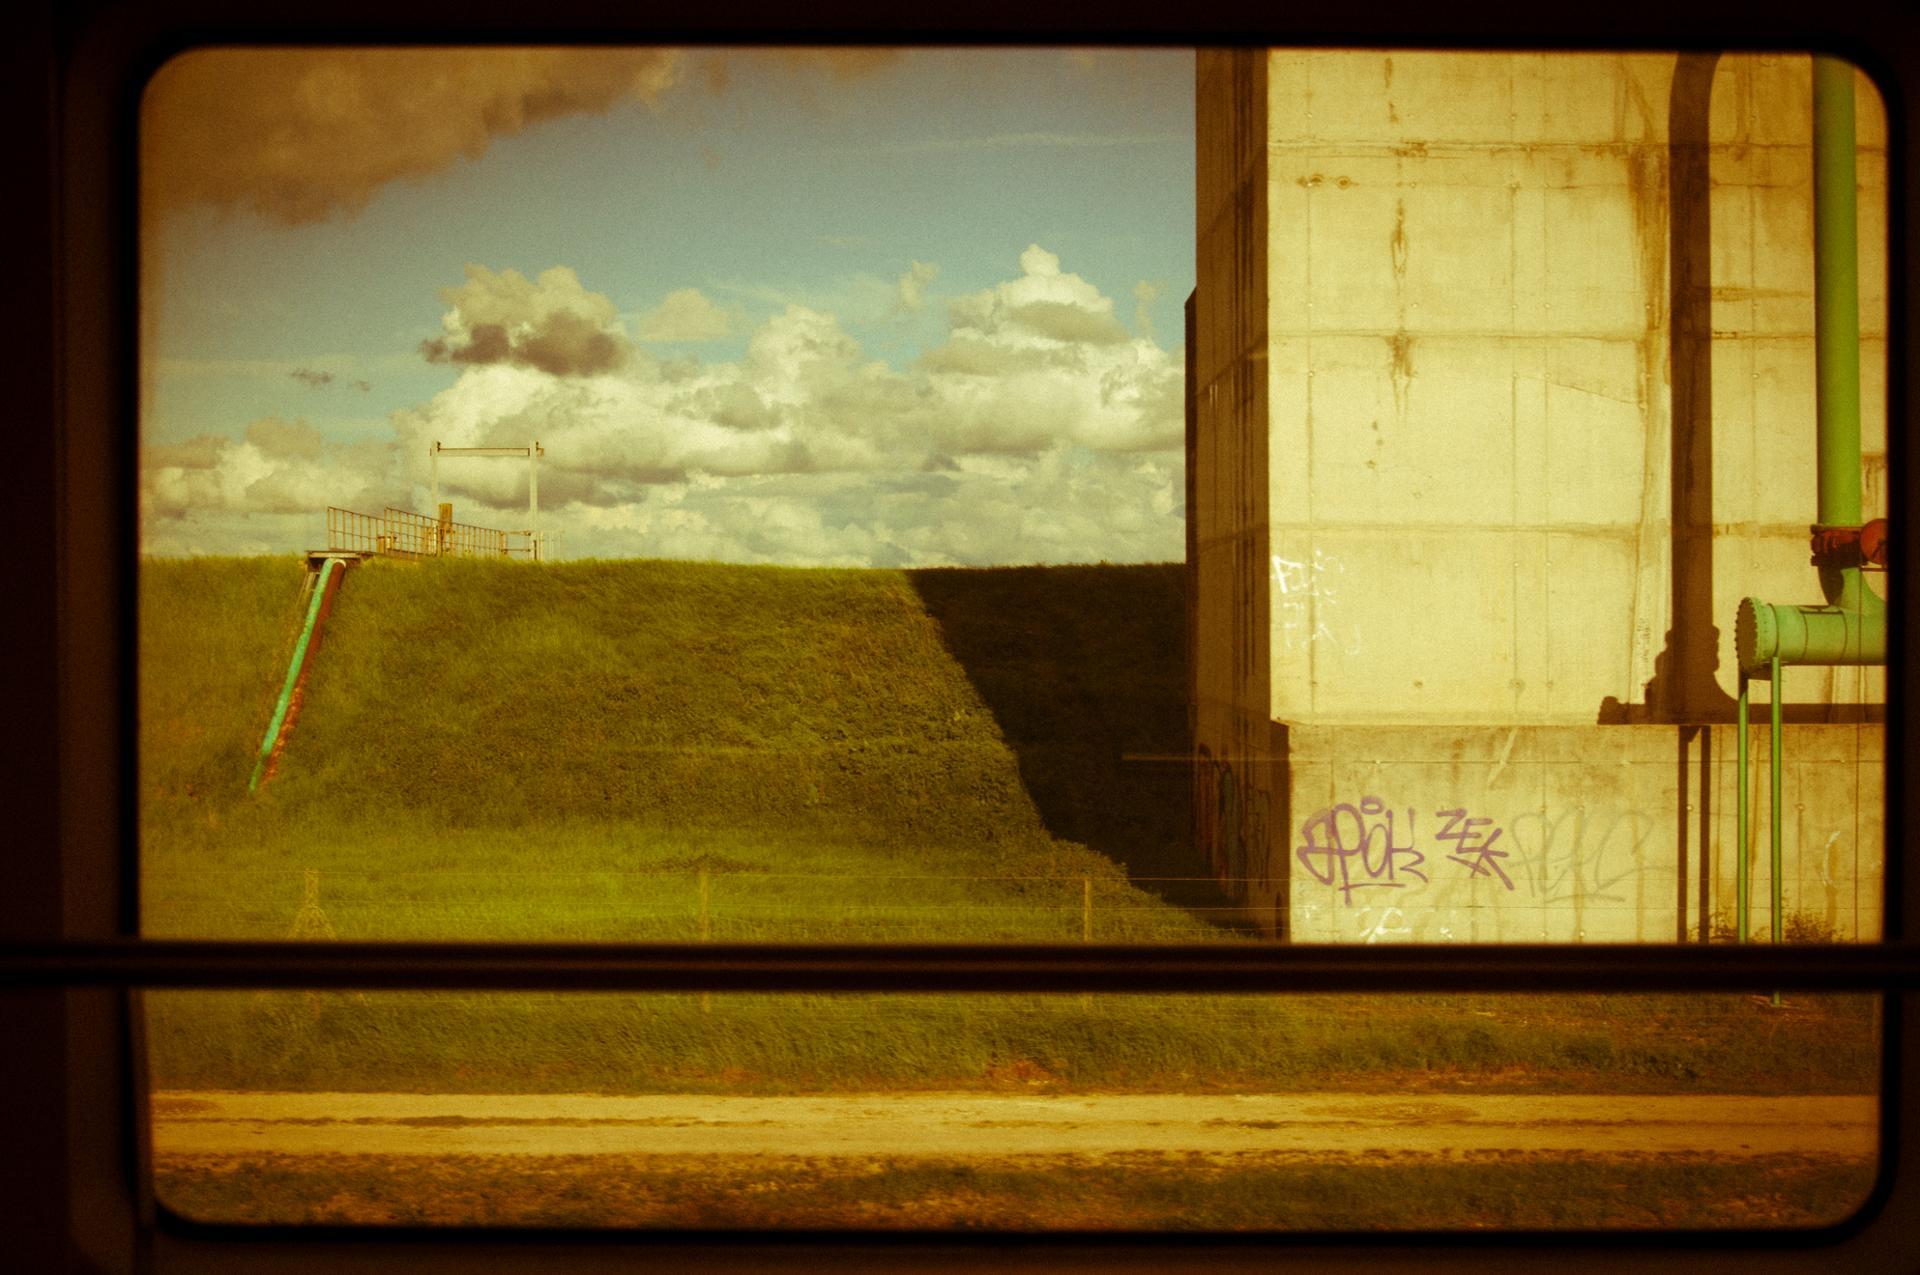 Voyage en train... (N.Cugnod)